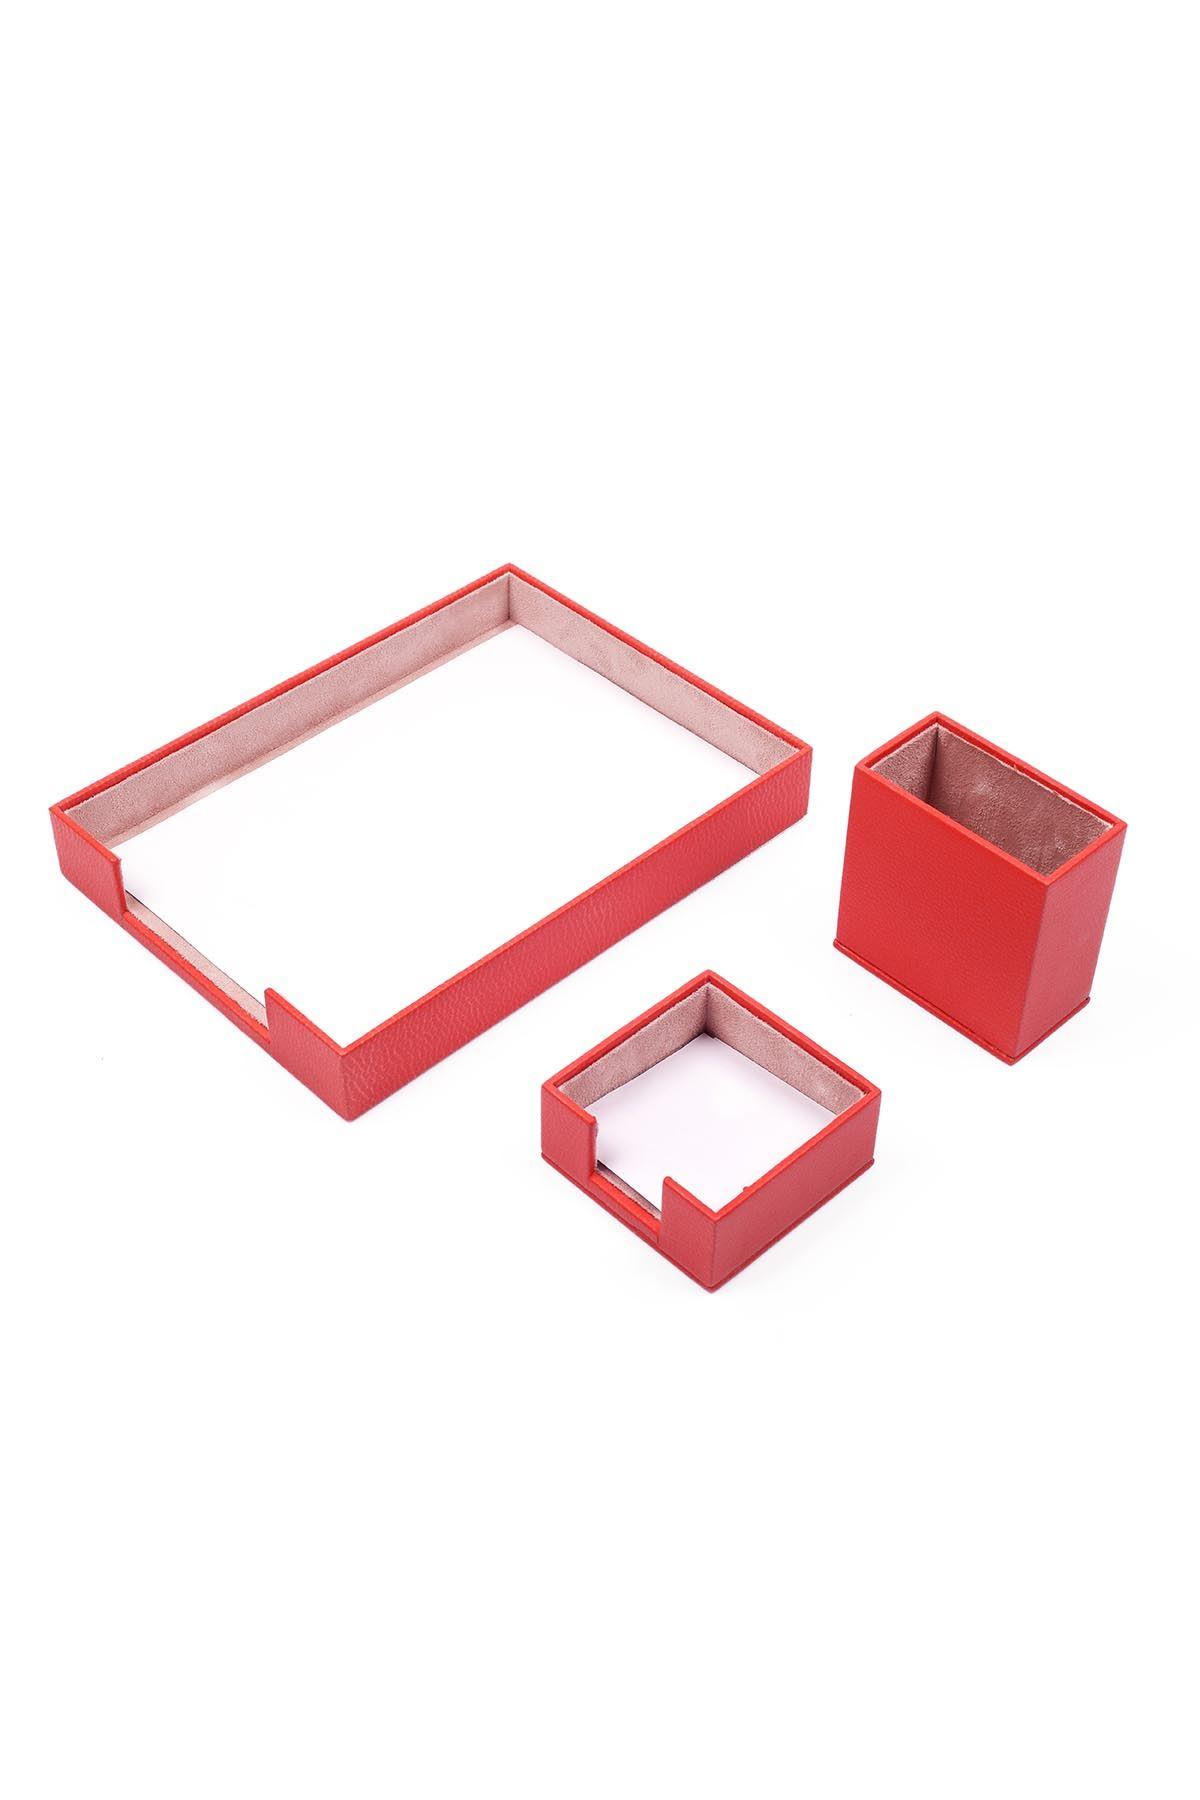 Deri 3 Parça Masa Üstü Seti Kırmızı Tekli Evrak Rafı, Kalemlik ve Notluk